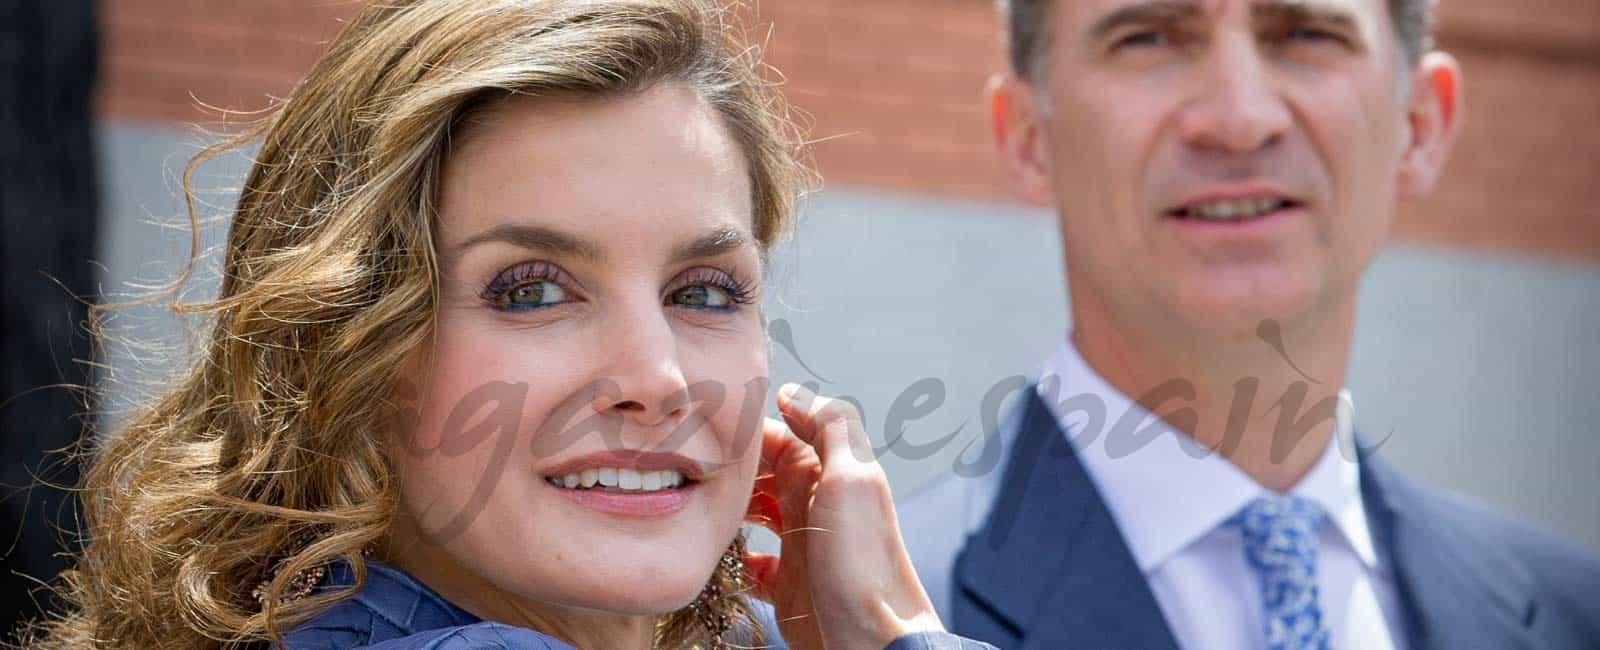 Felipe y Letizia se reúnen con los reyes eméritos, en Zarzuela